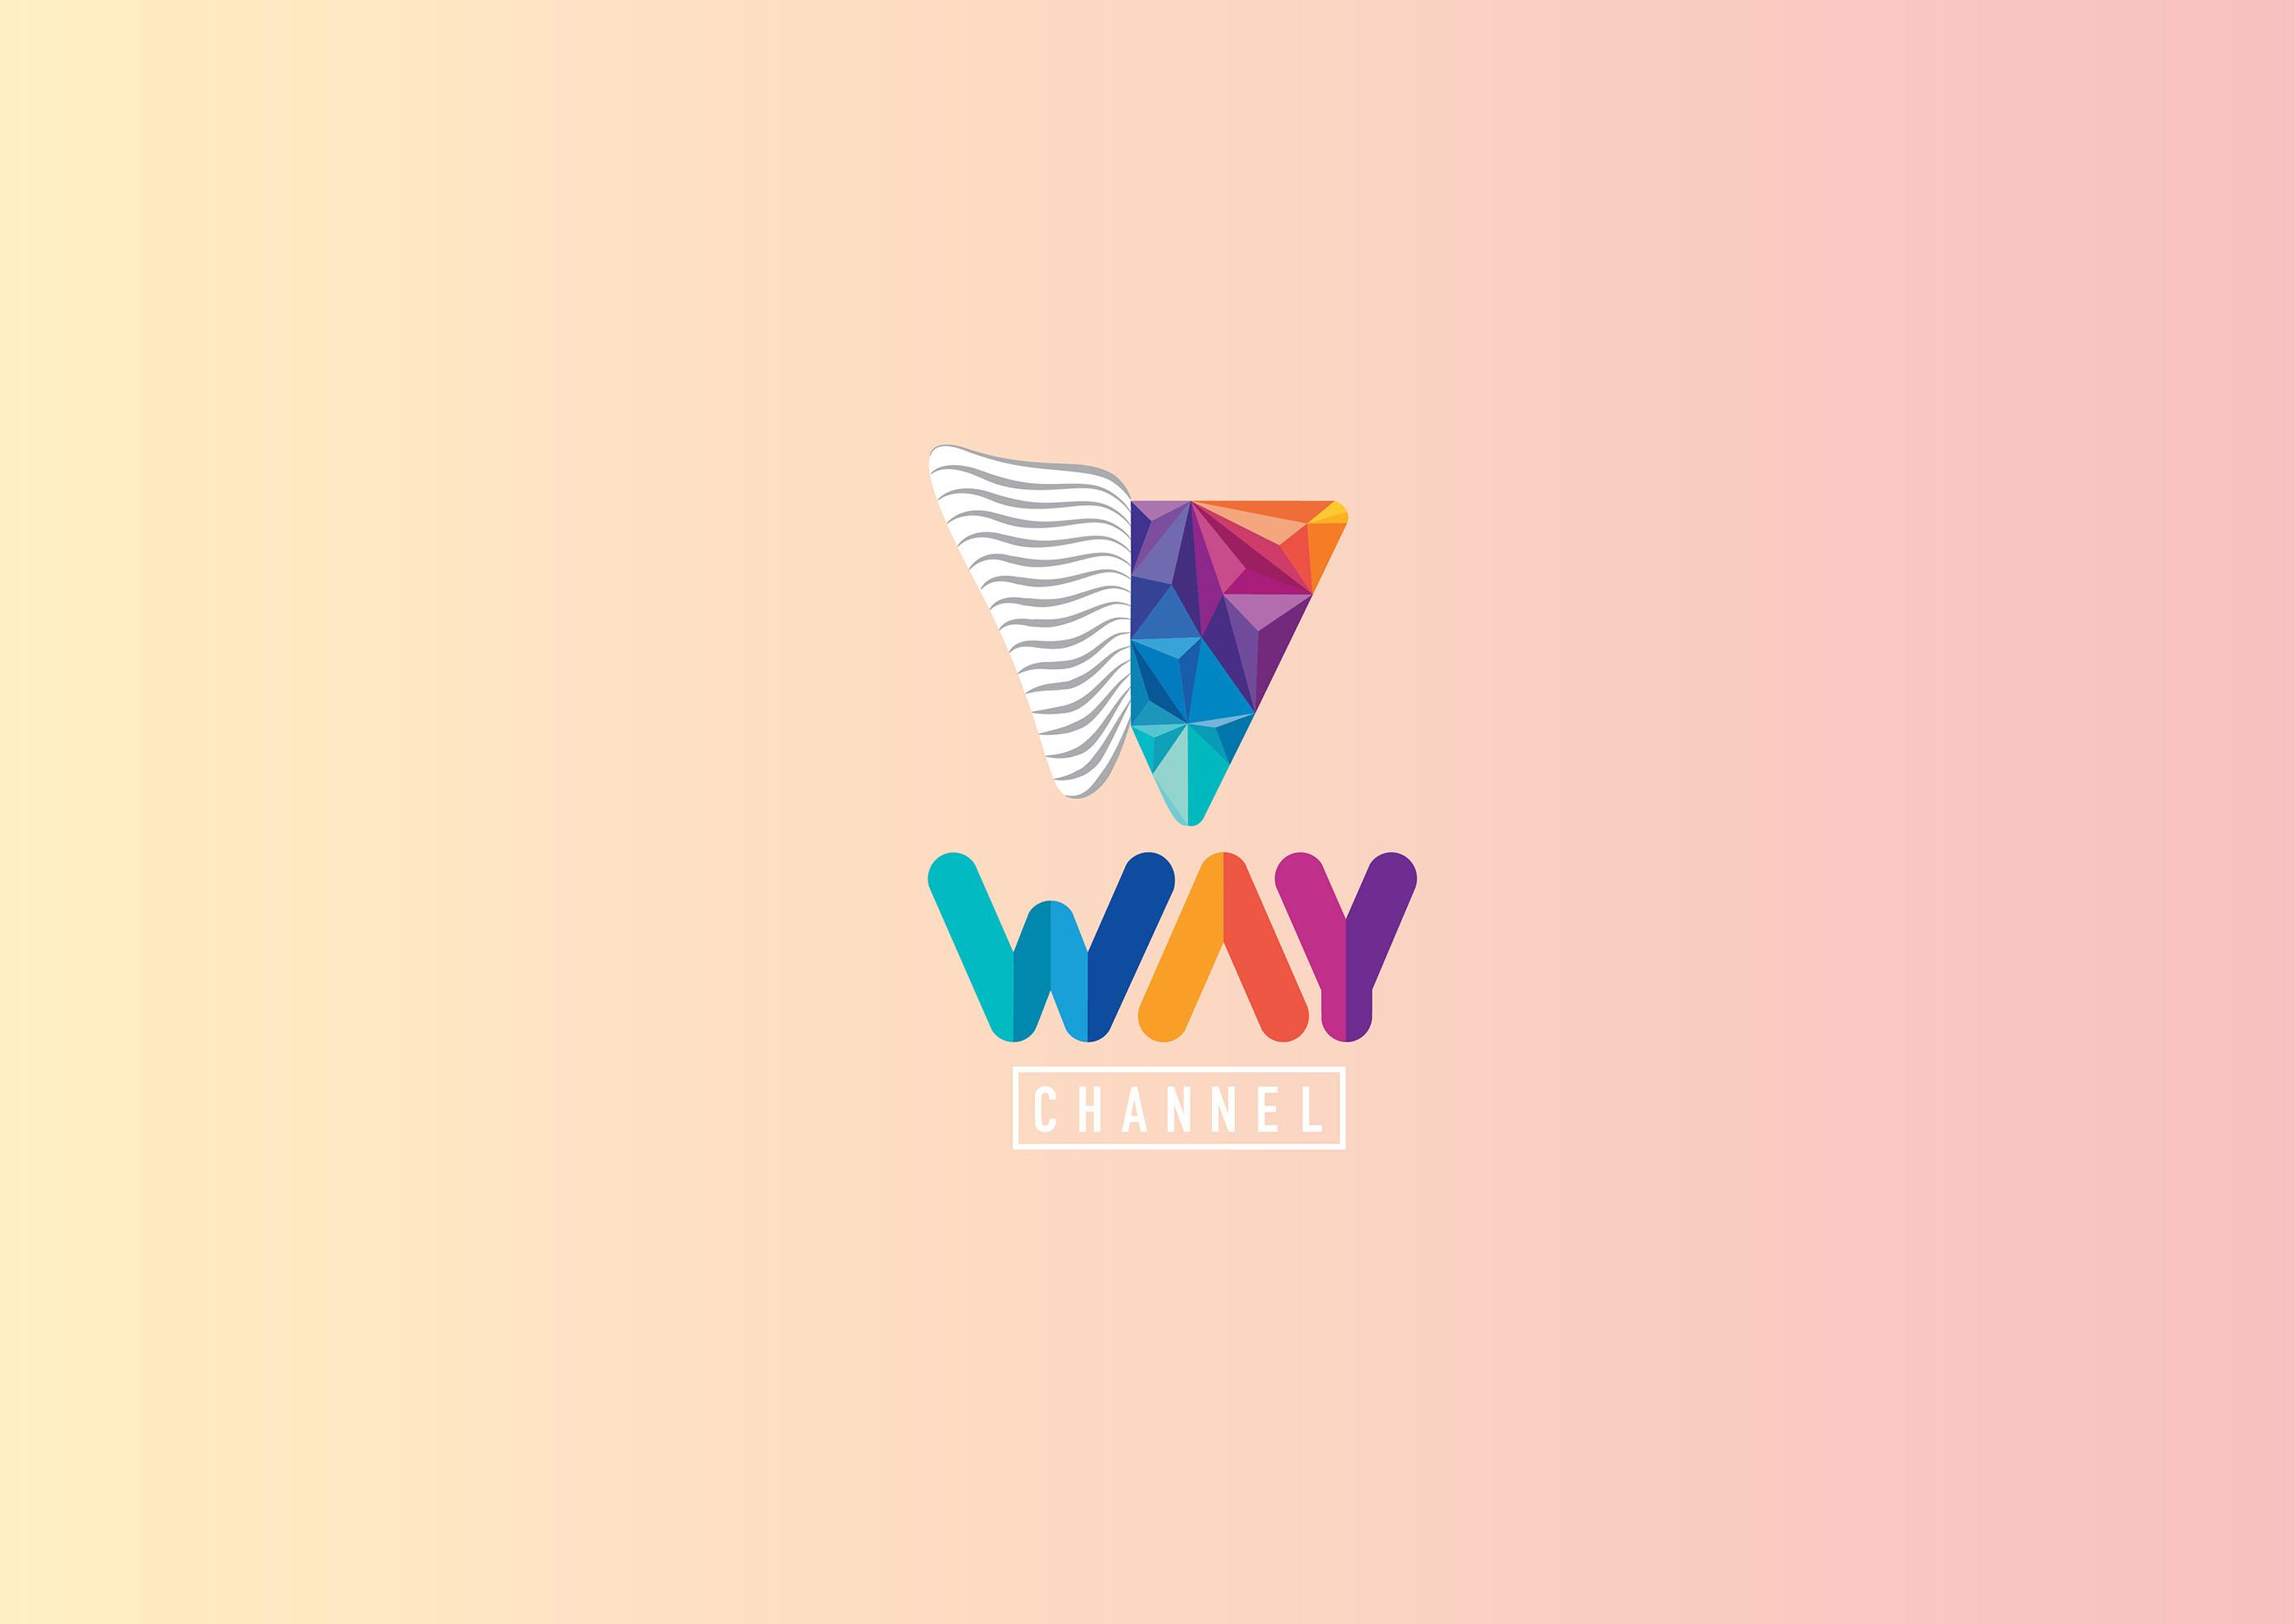 idesign waychannel 03